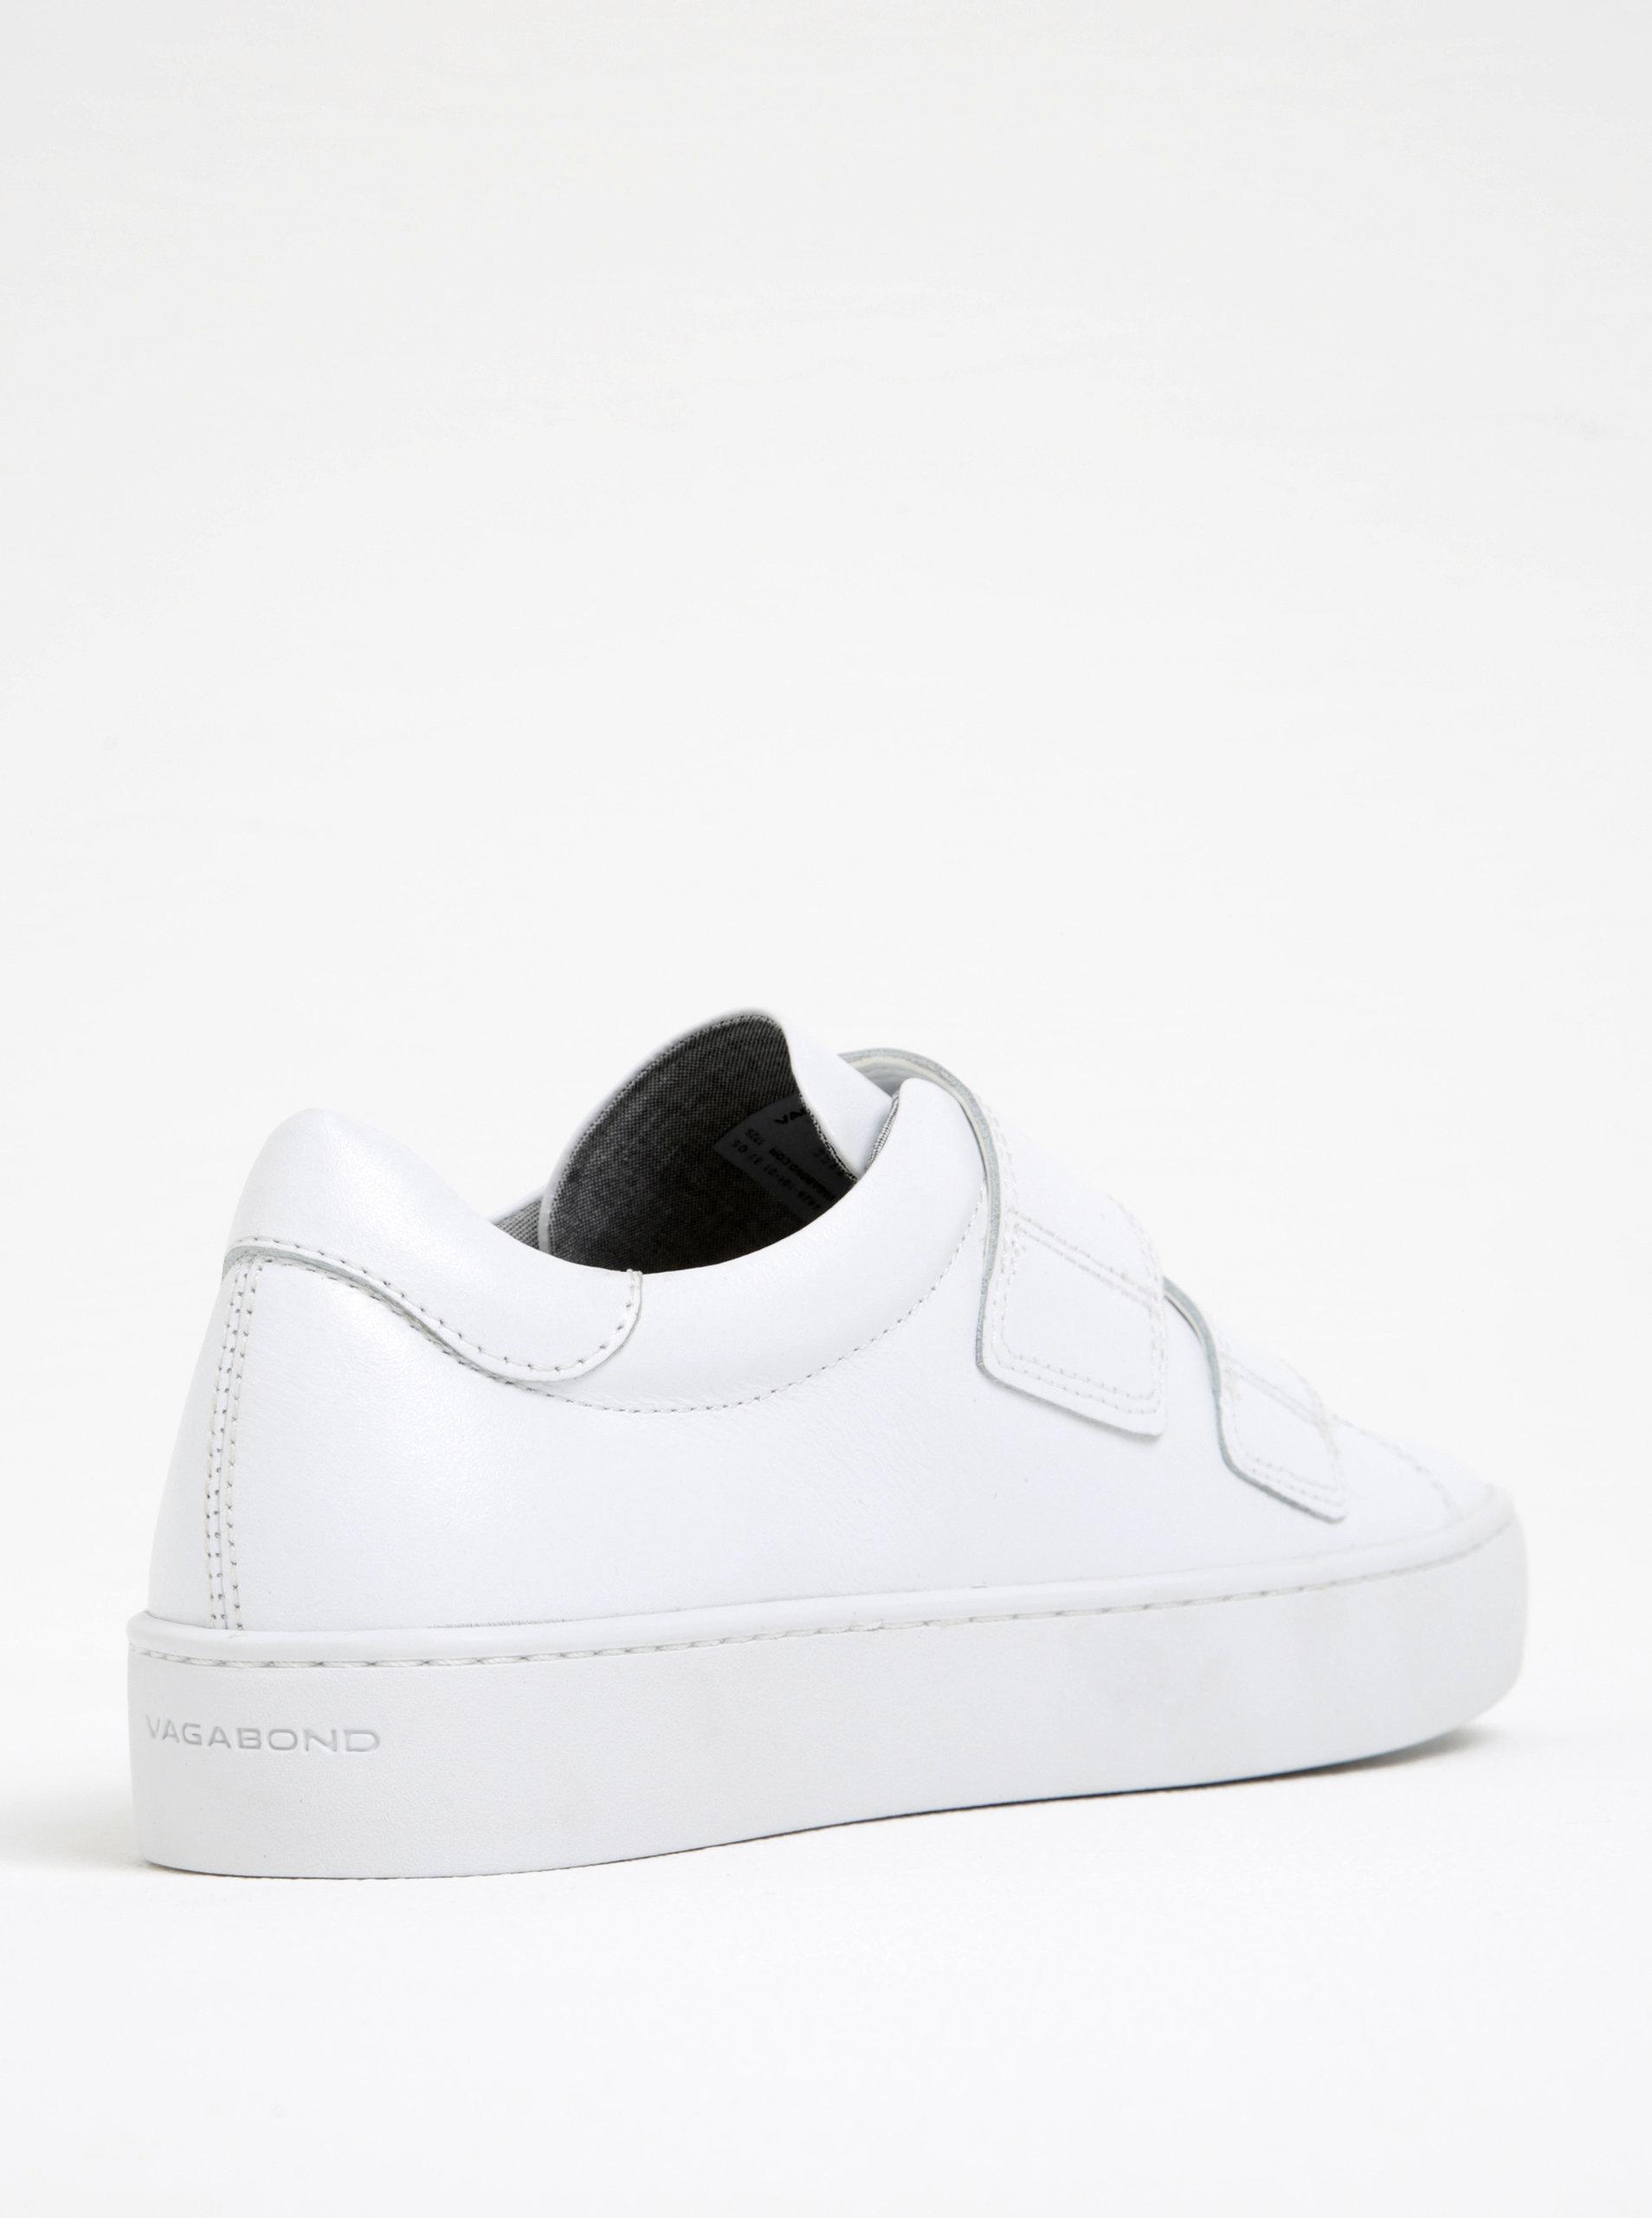 Biele dámske kožené tenisky na suchý zips Vagabond Zoe ... 47182ed0047